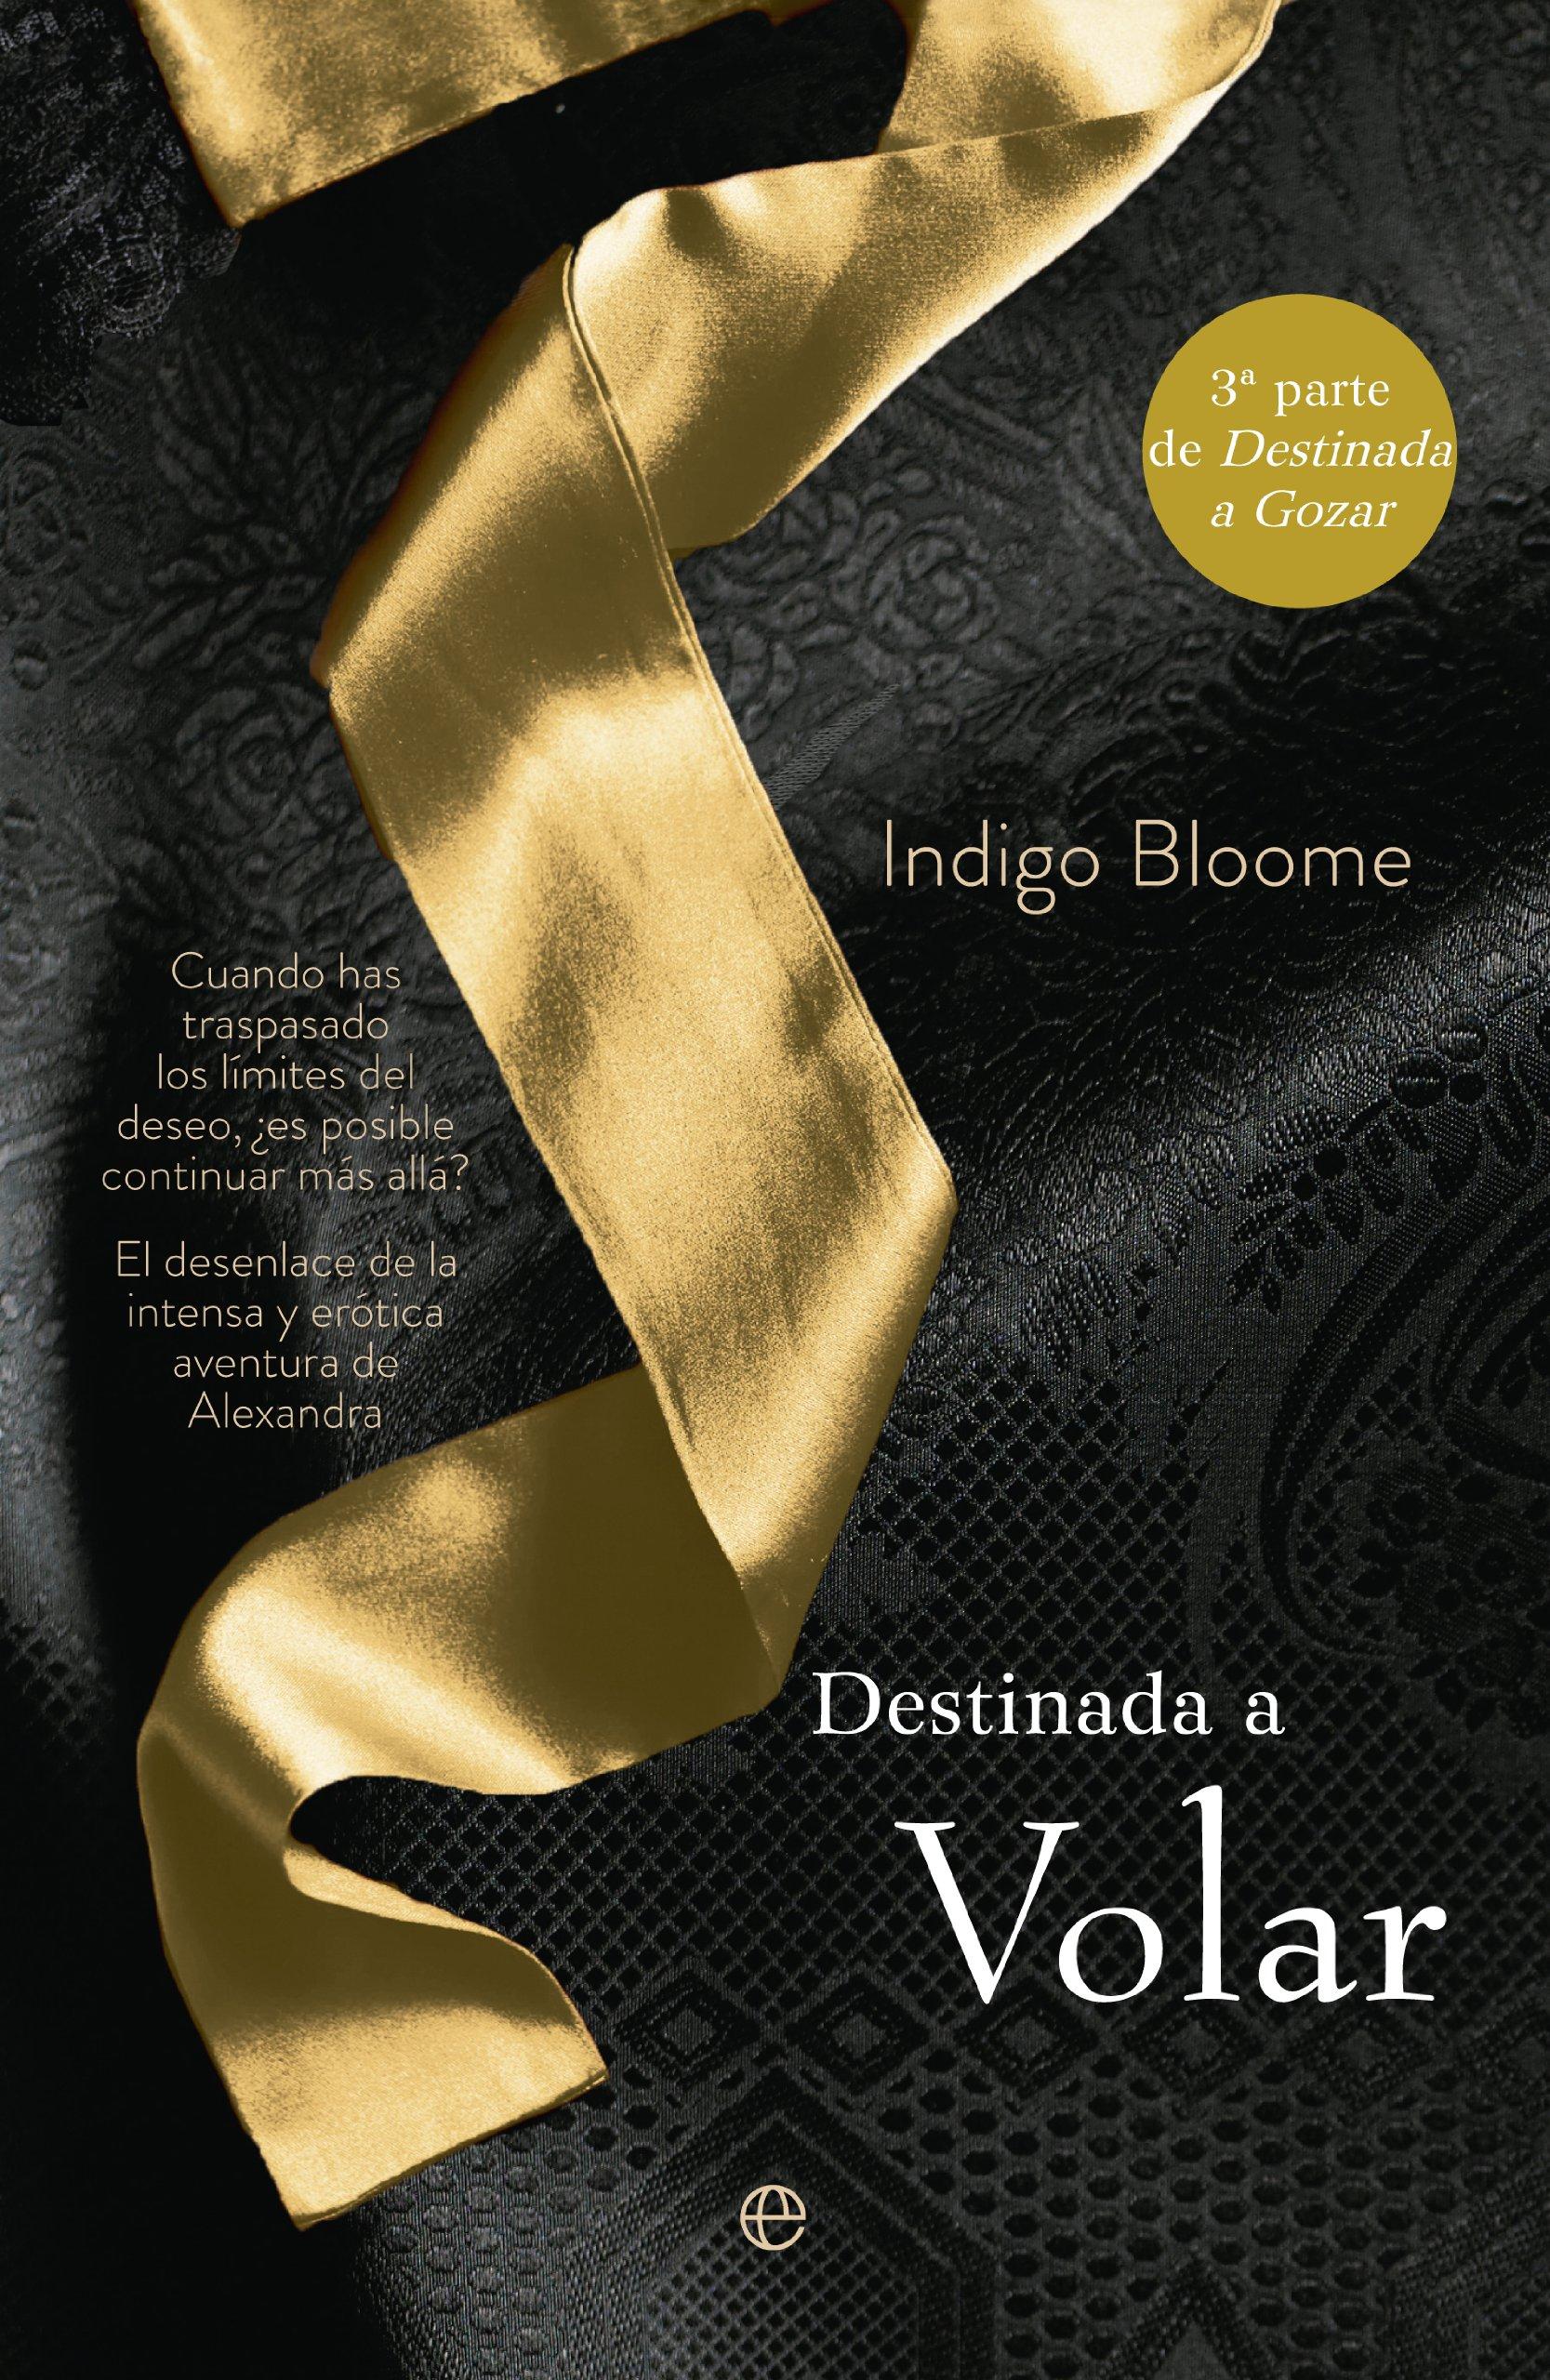 Destinada A Volar Ficción Spanish Edition Bloome Indigo Pruneda Paz 9788499707990 Books